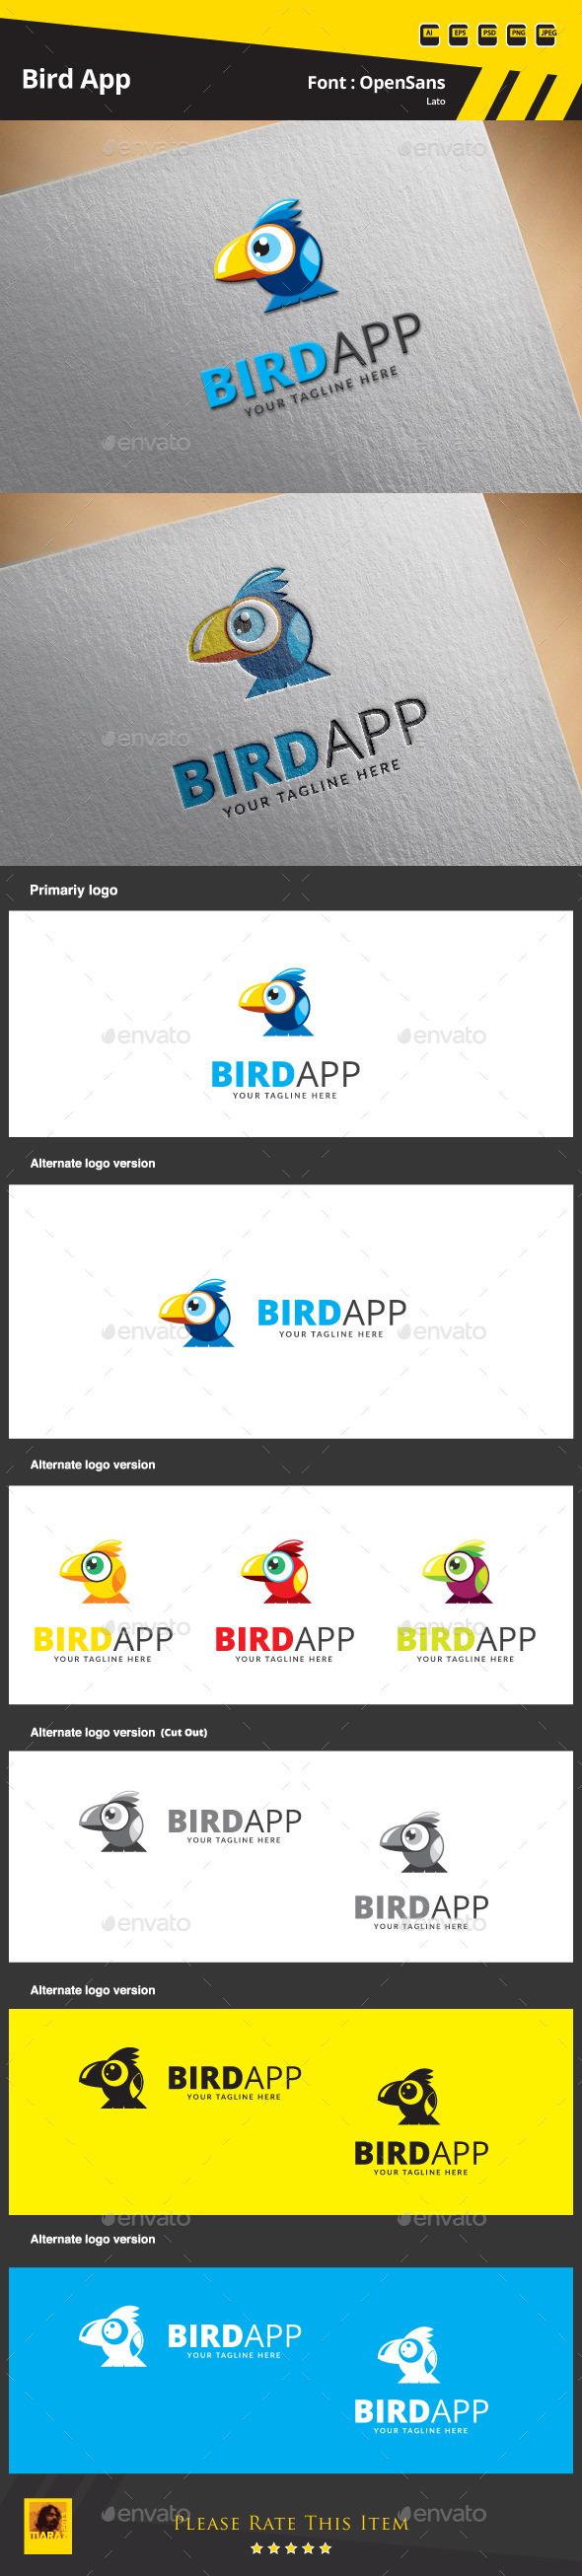 GraphicRiver Bird App Logo Template 9683679